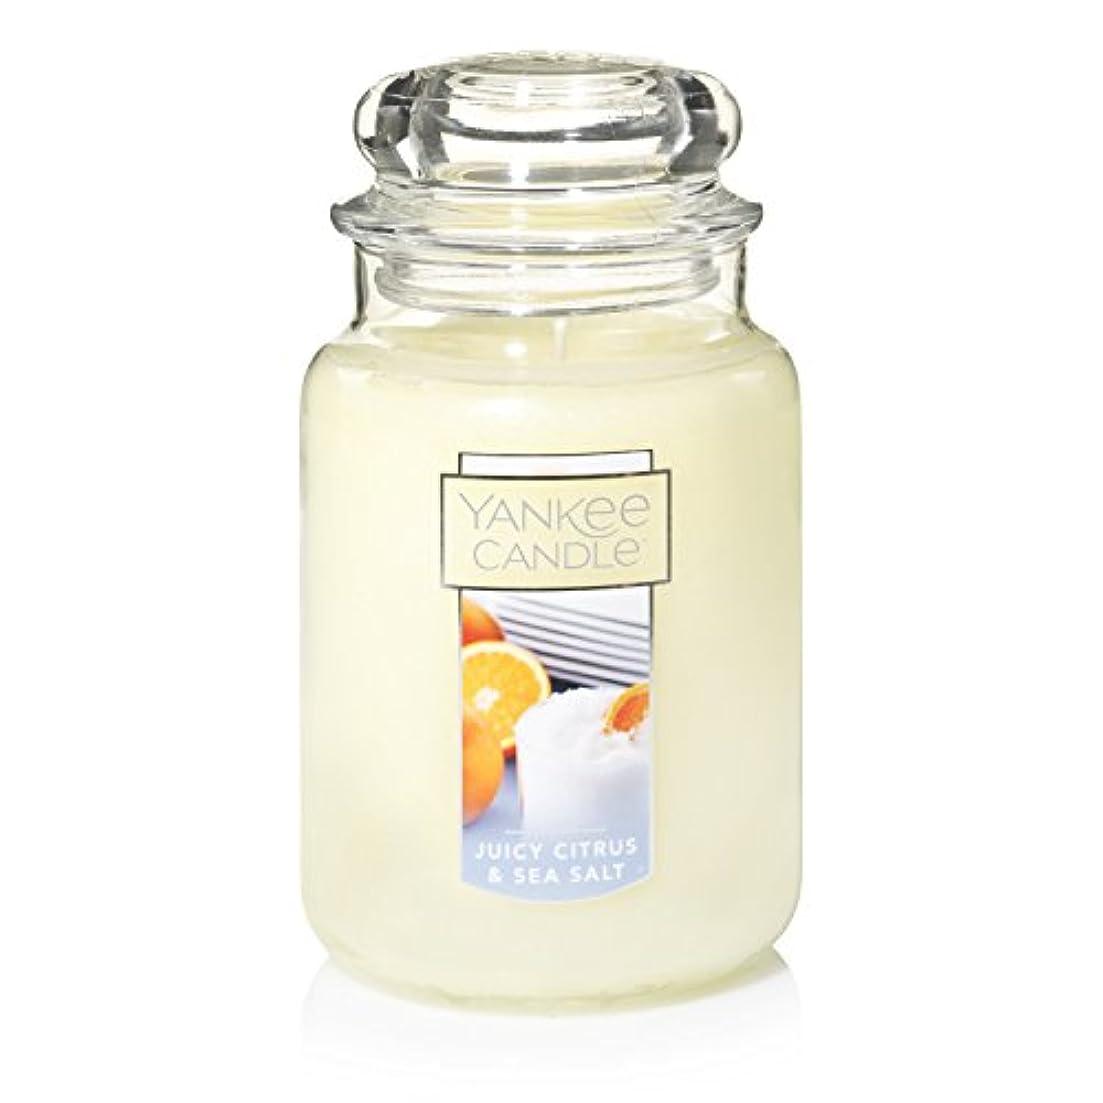 スケッチ建物自分Yankee Candle Juicy Citrus & Sea Salt Jar Candle, Large